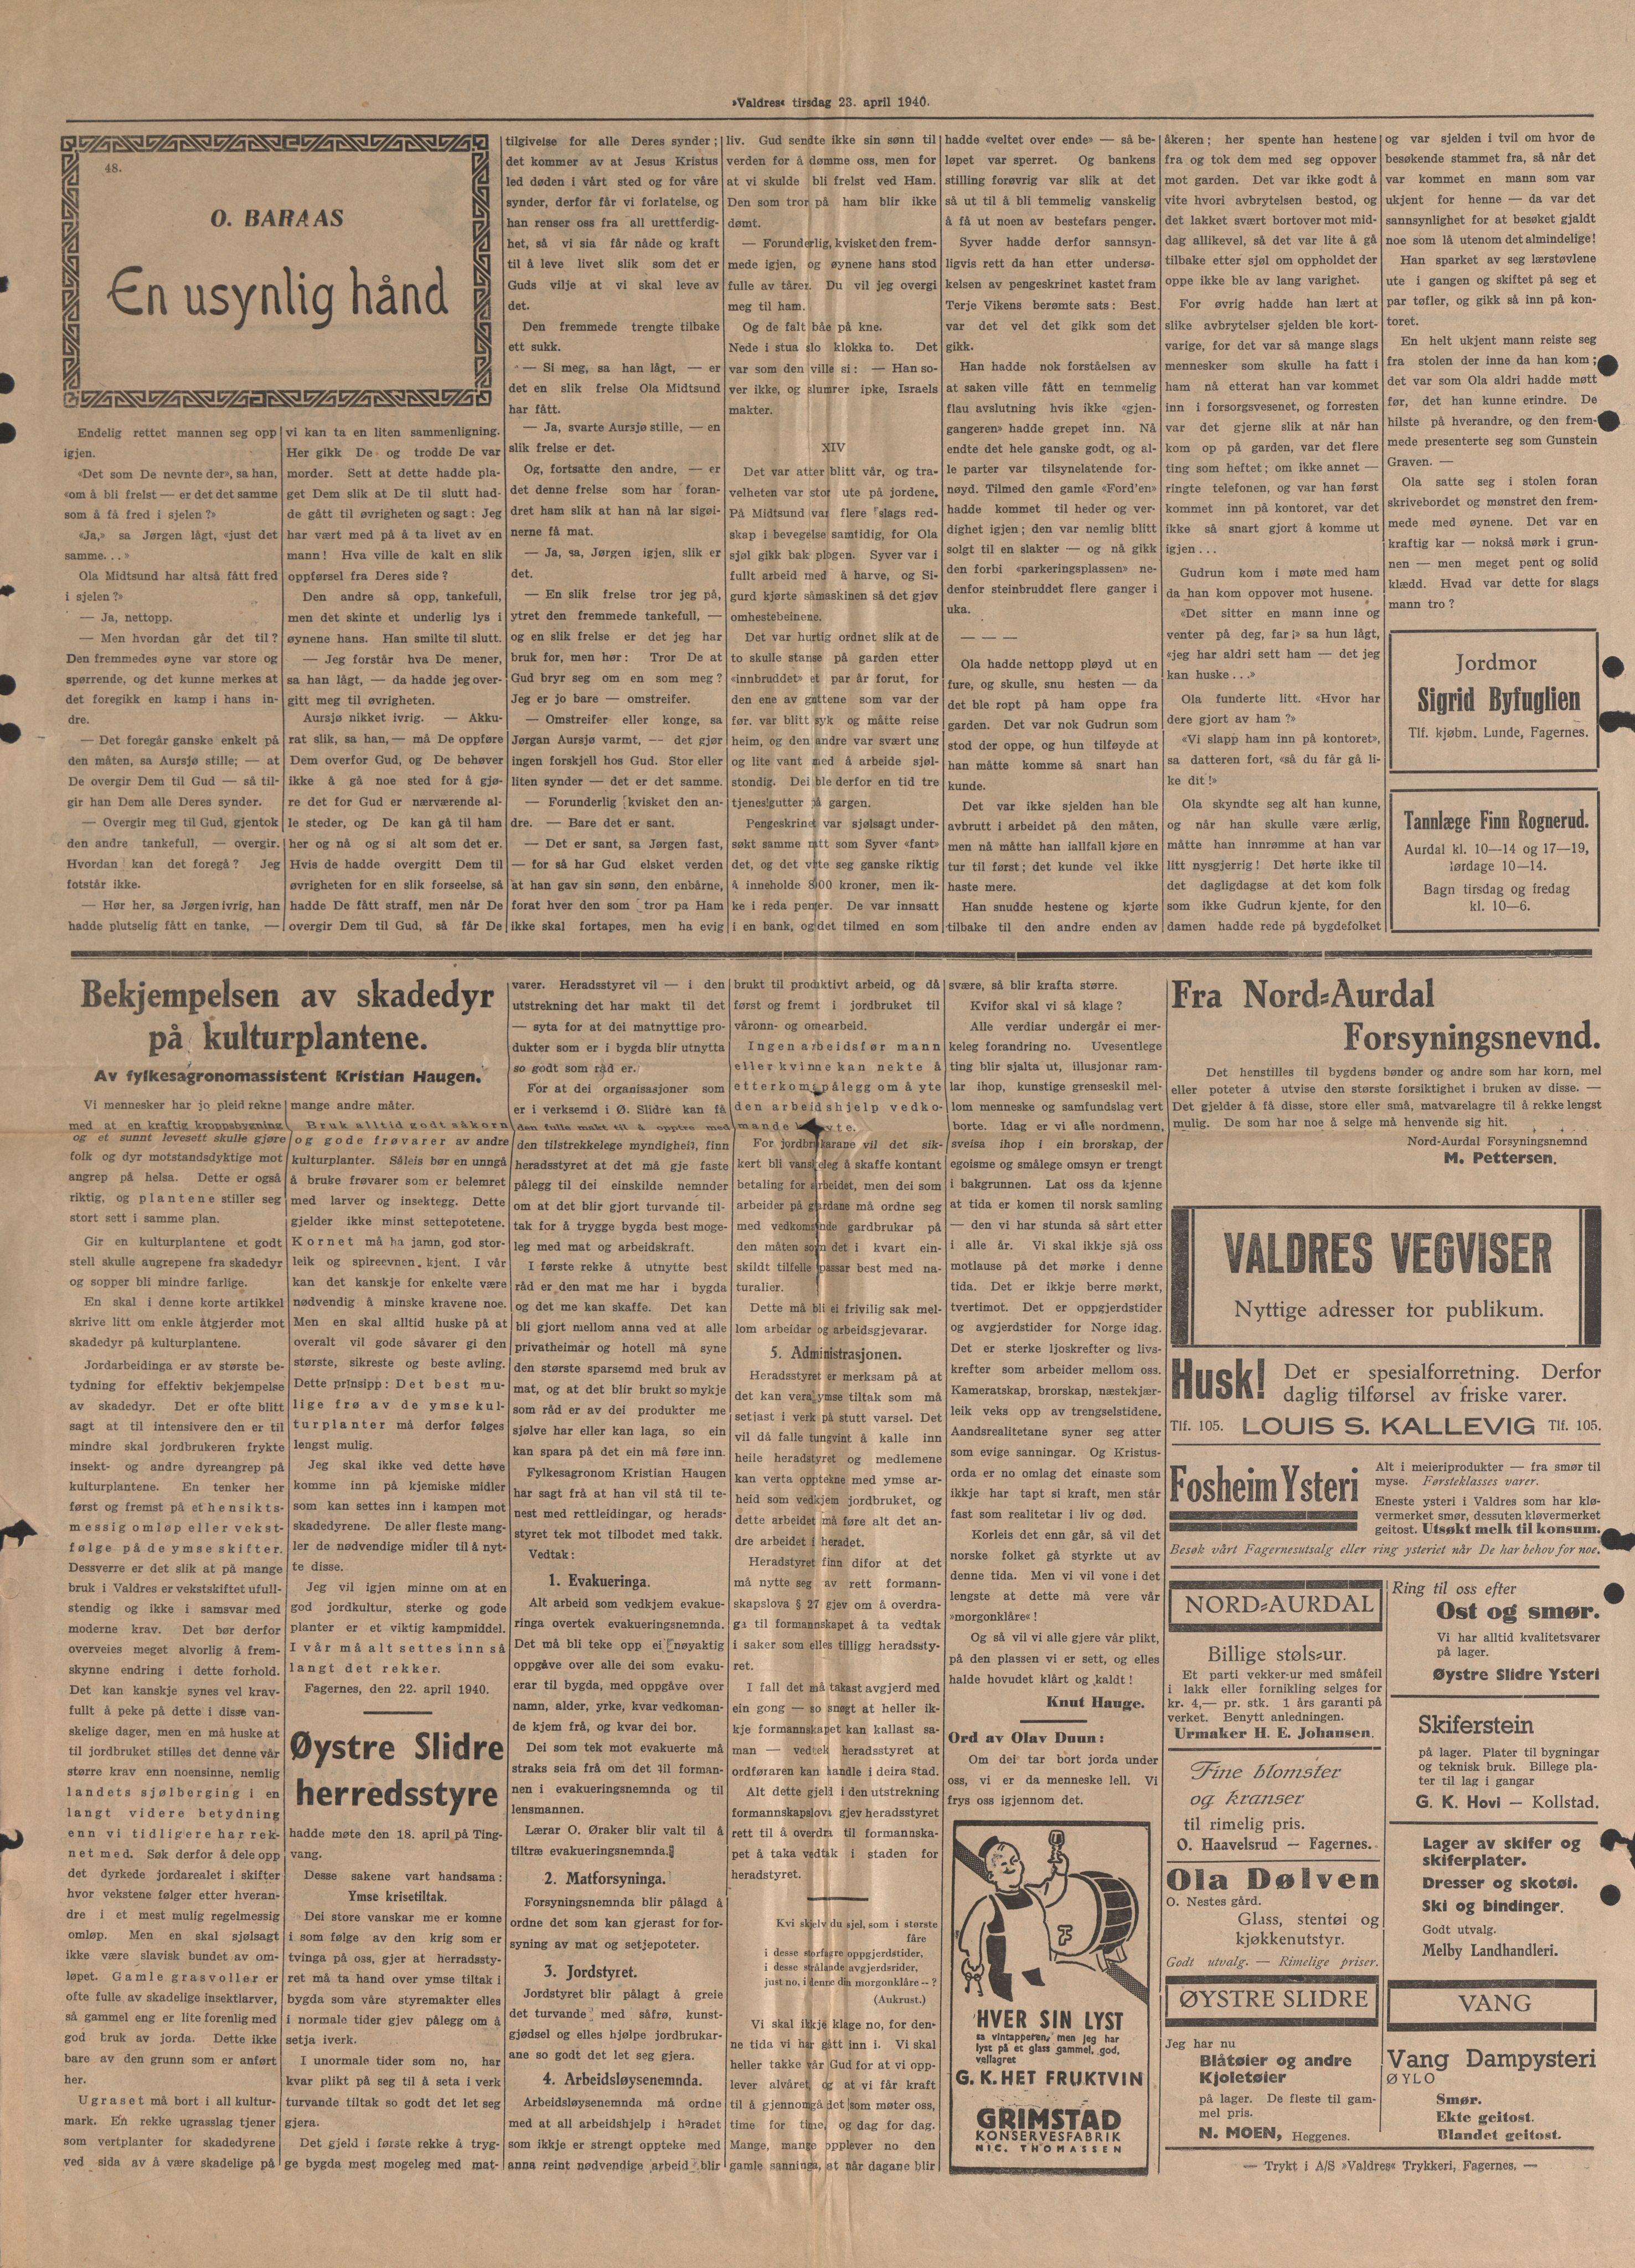 RA, Forsvaret, Forsvarets krigshistoriske avdeling, Y/Yb/L0104: II-C-11-430  -  4. Divisjon., 1940, s. 192